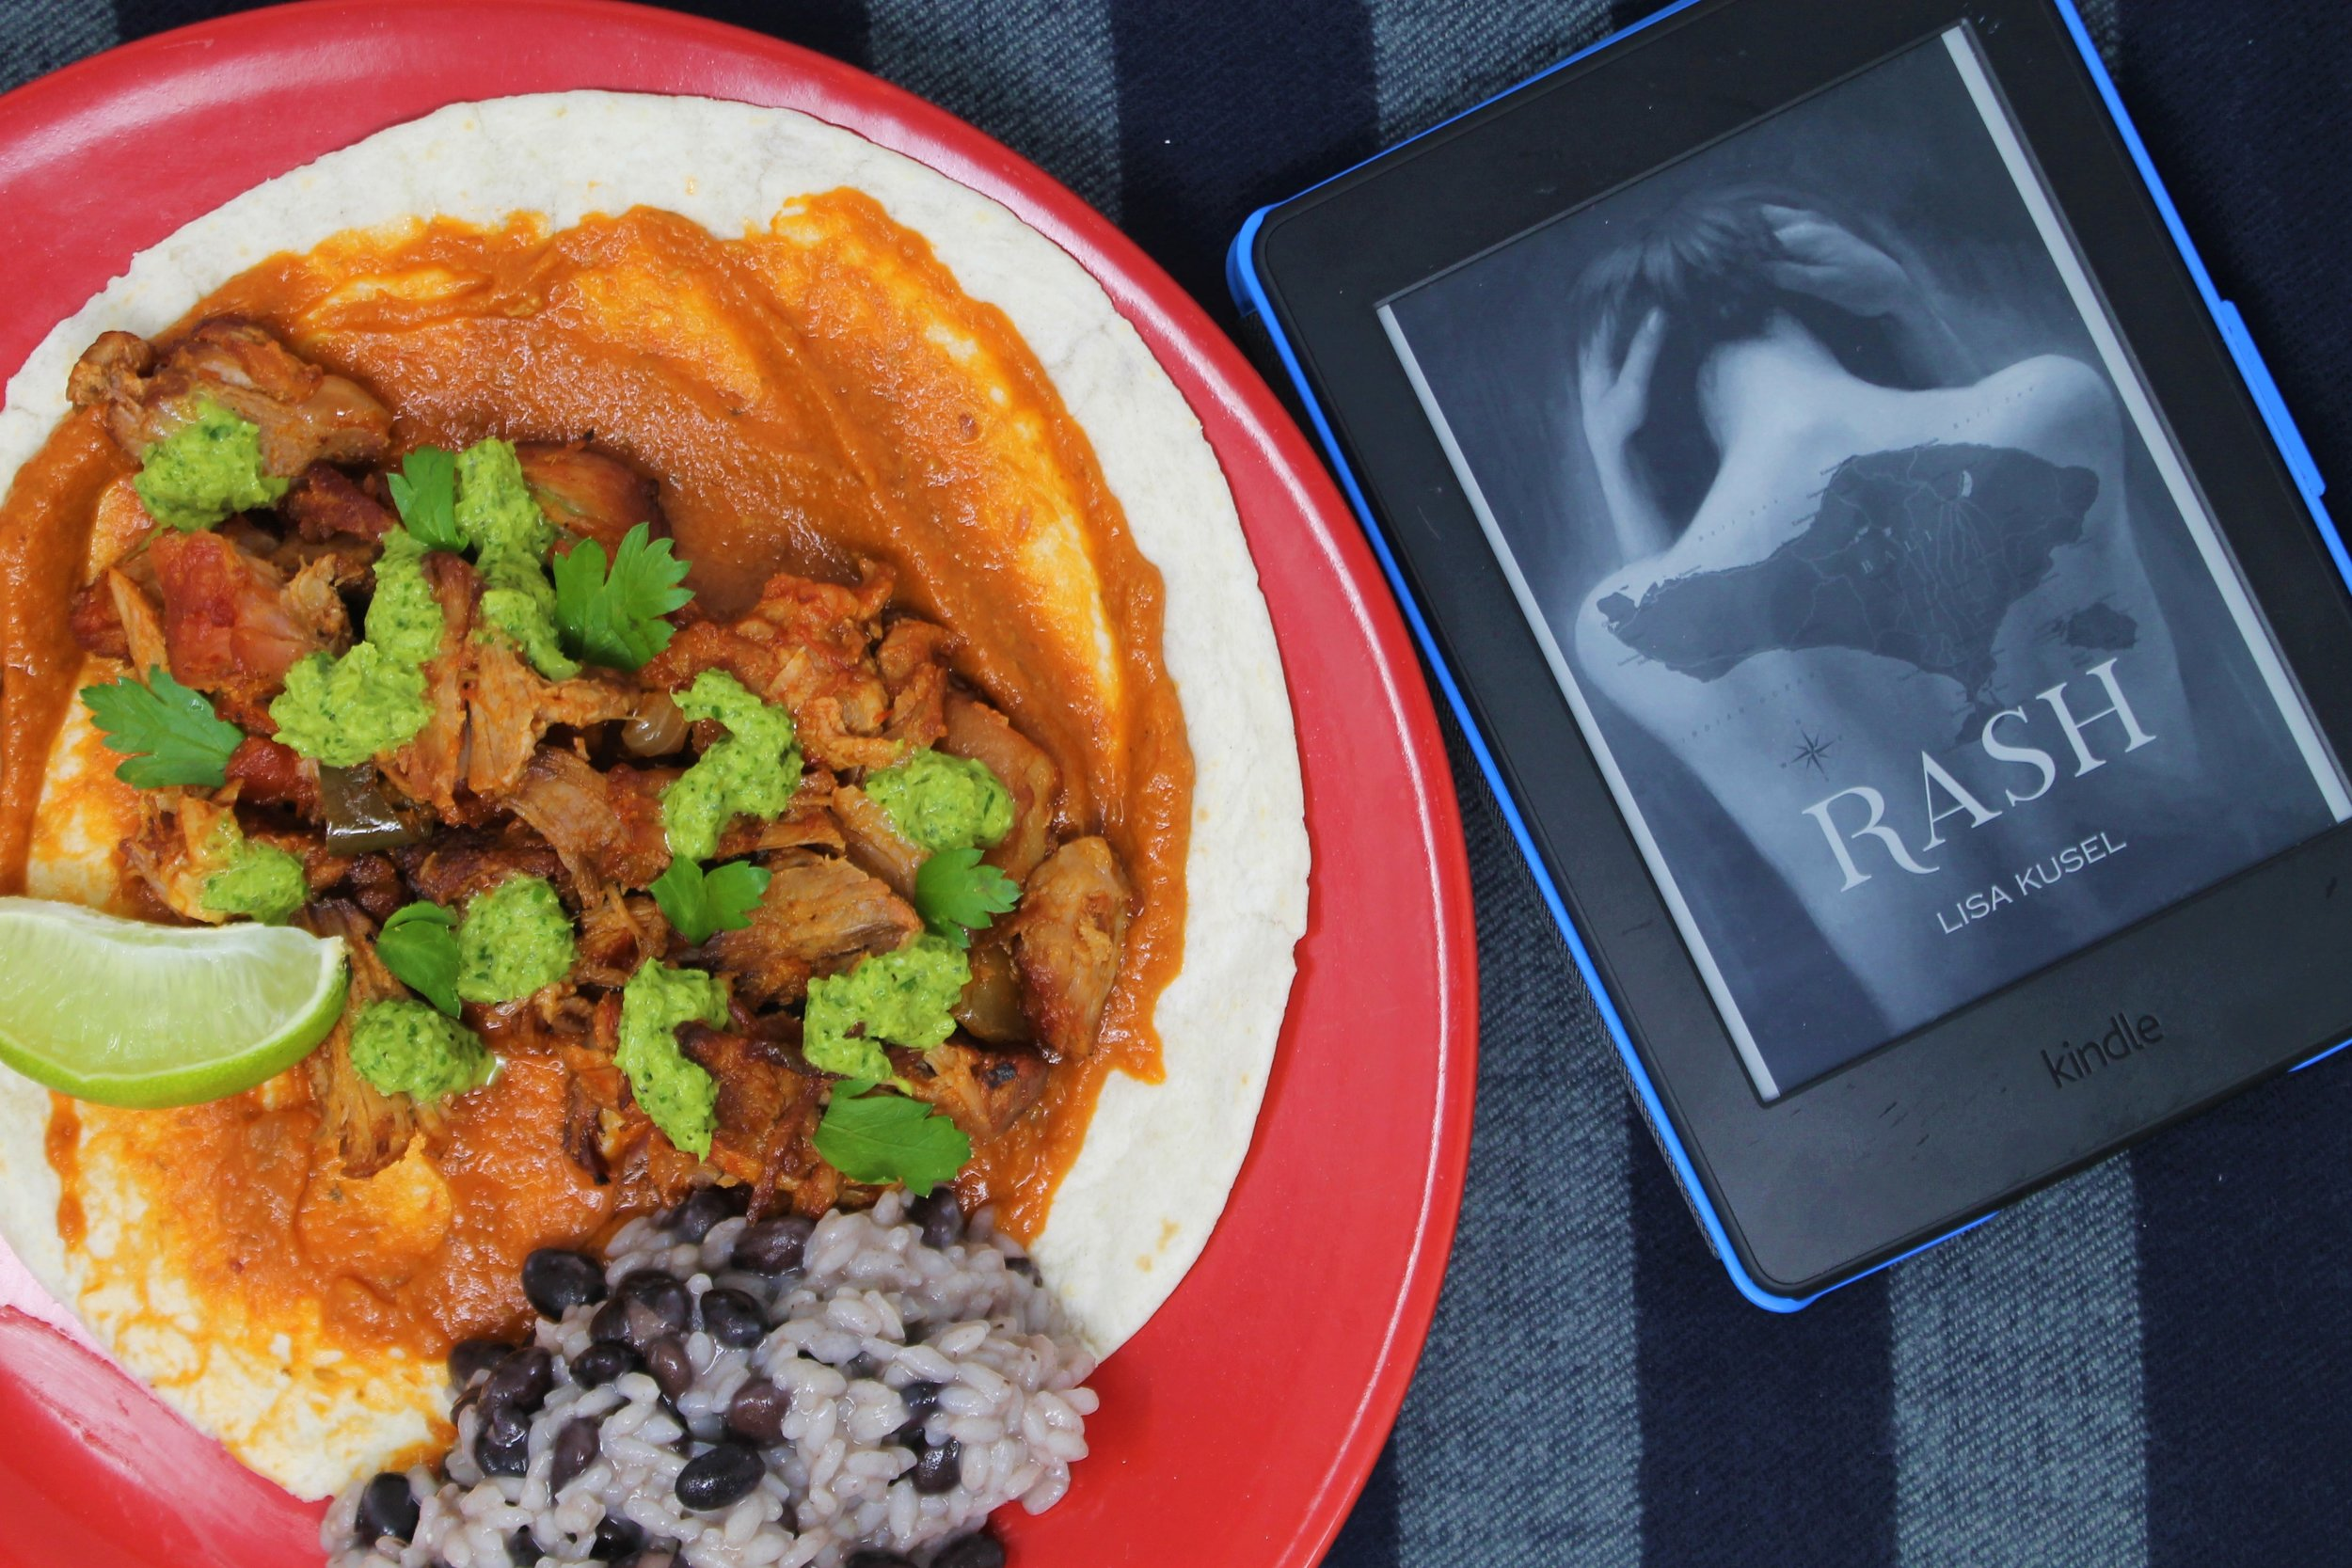 rash and pork tacos.jpg